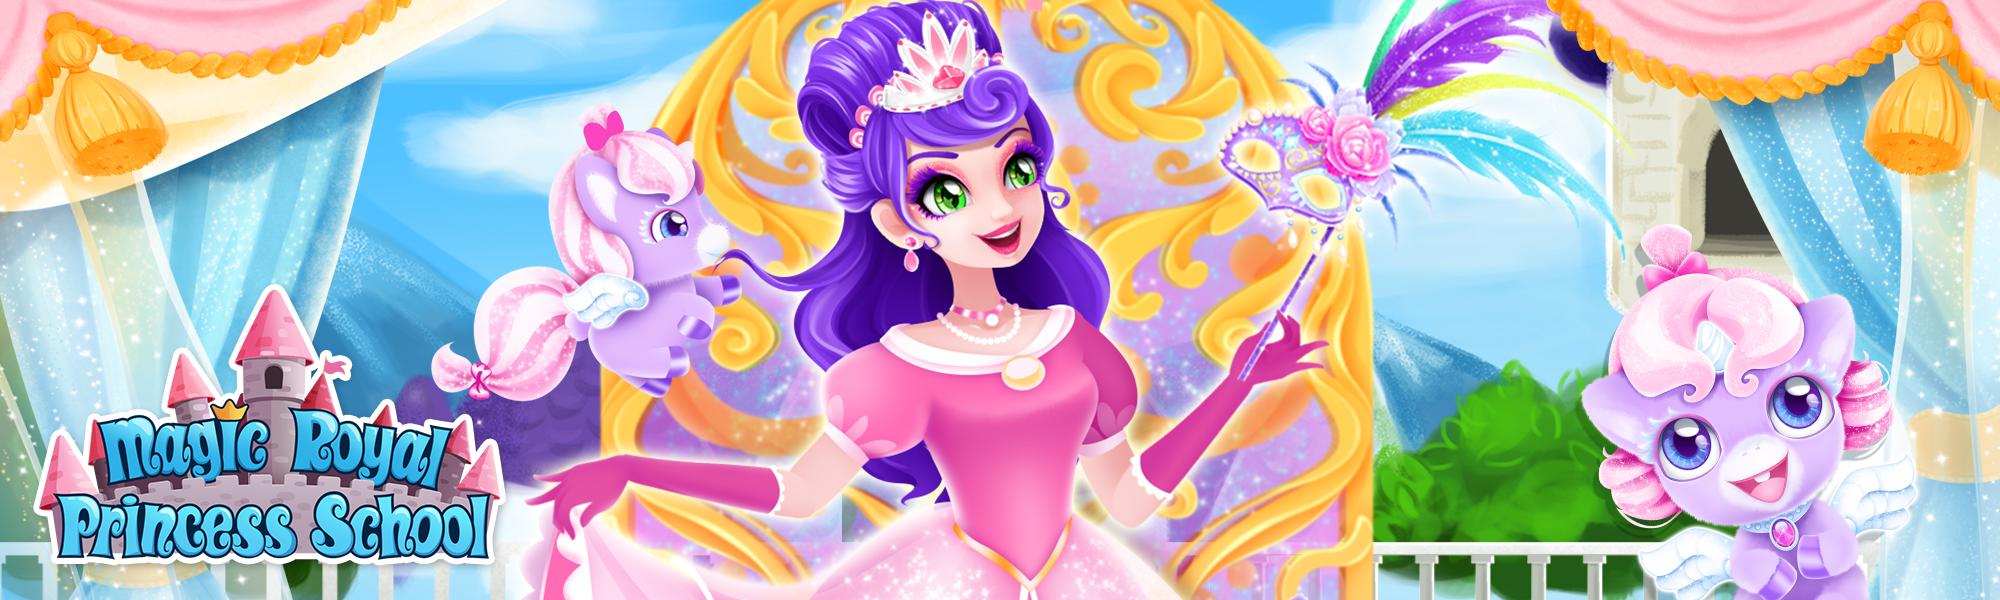 魔法公主礼仪学院